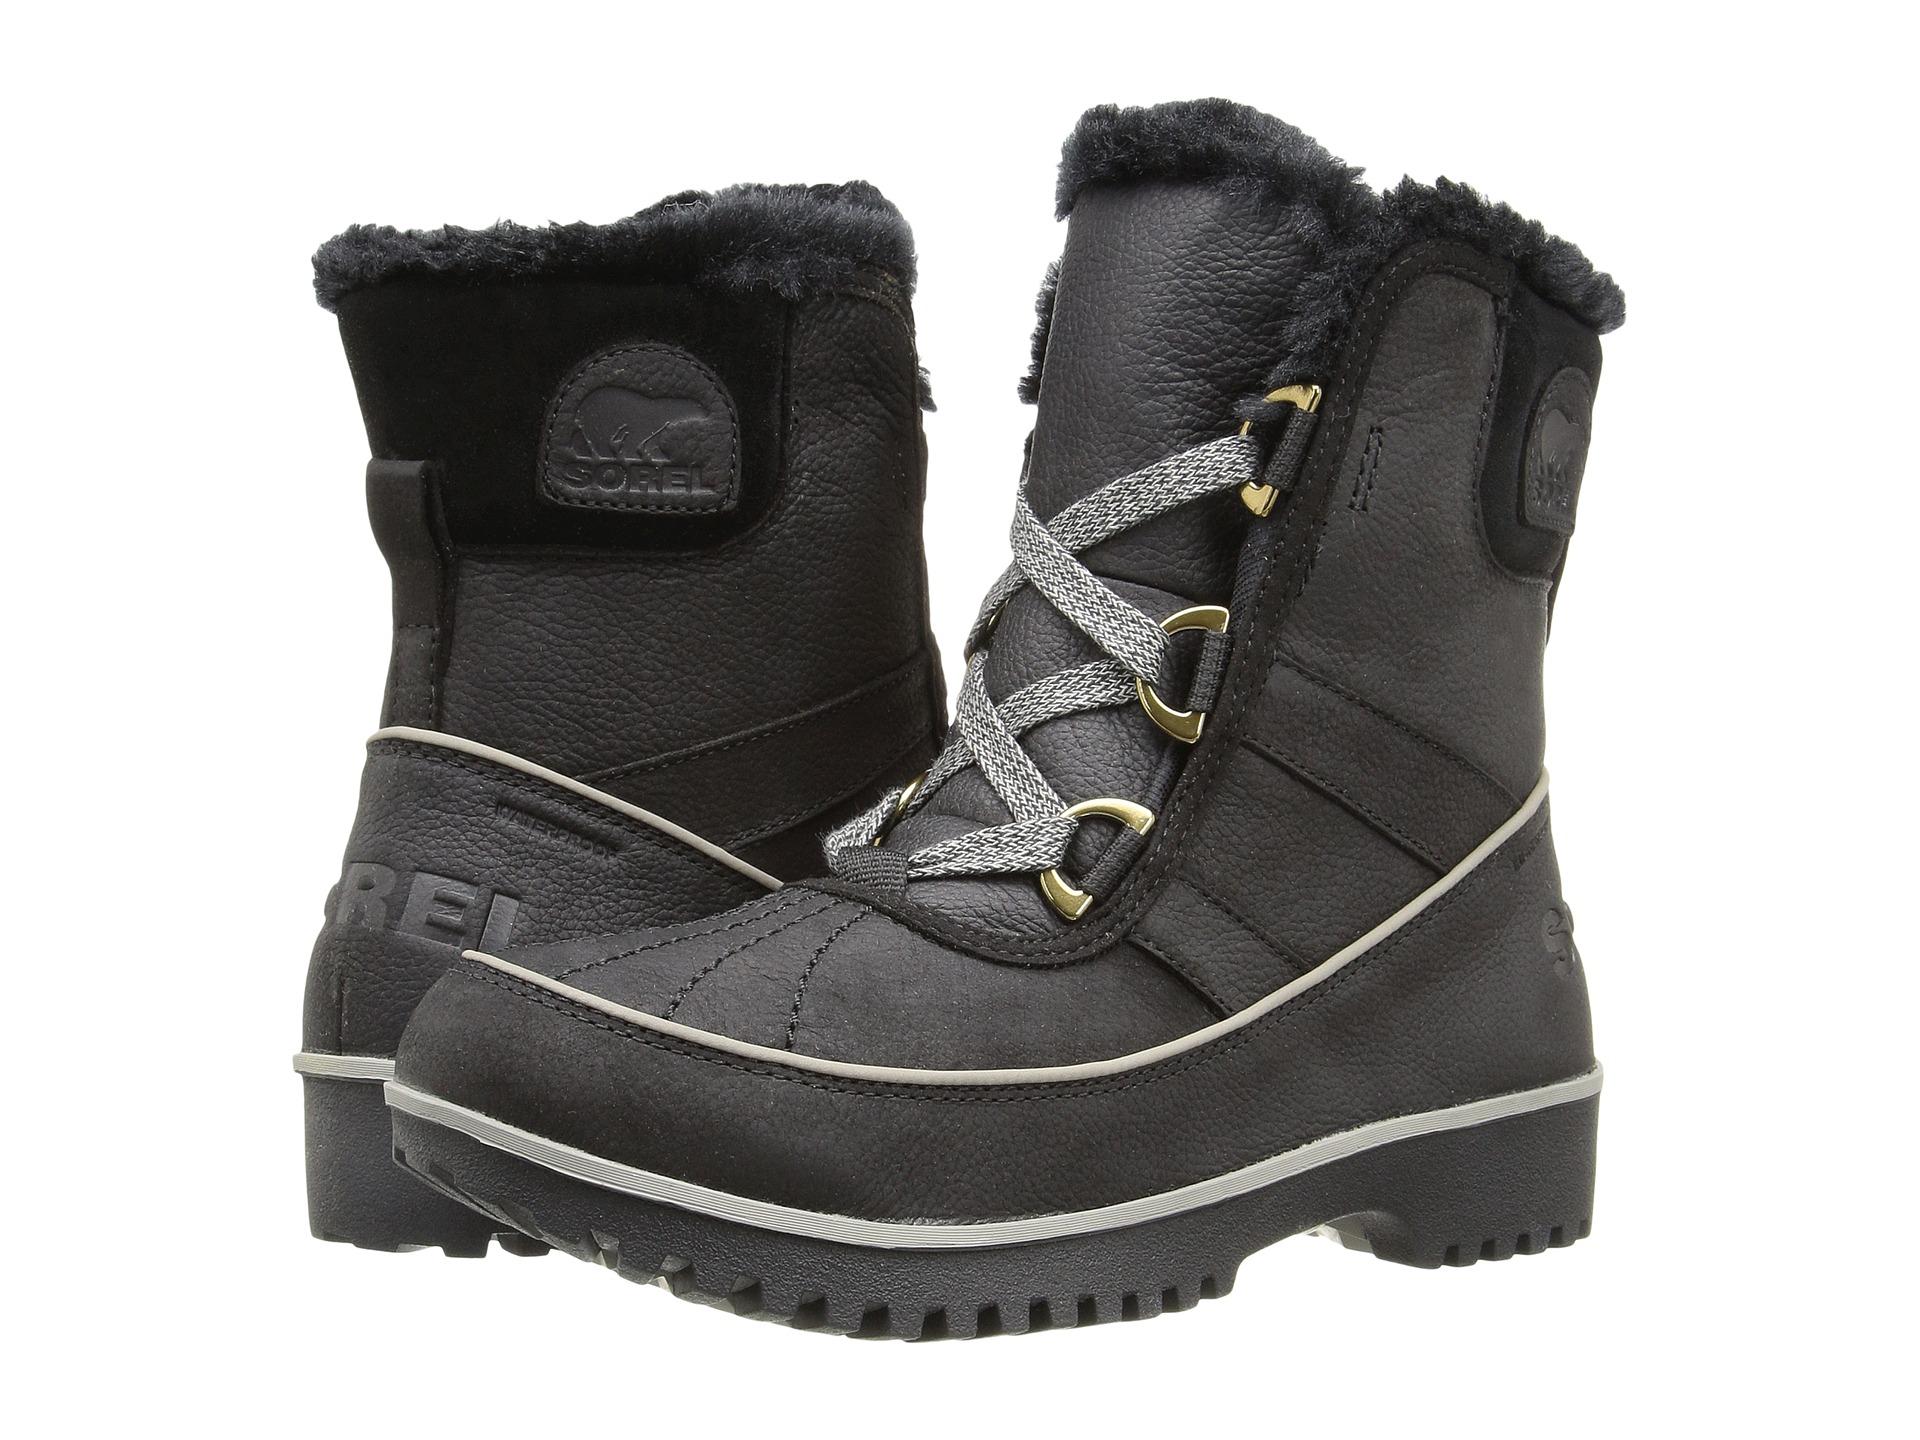 uggs vs sorel boots